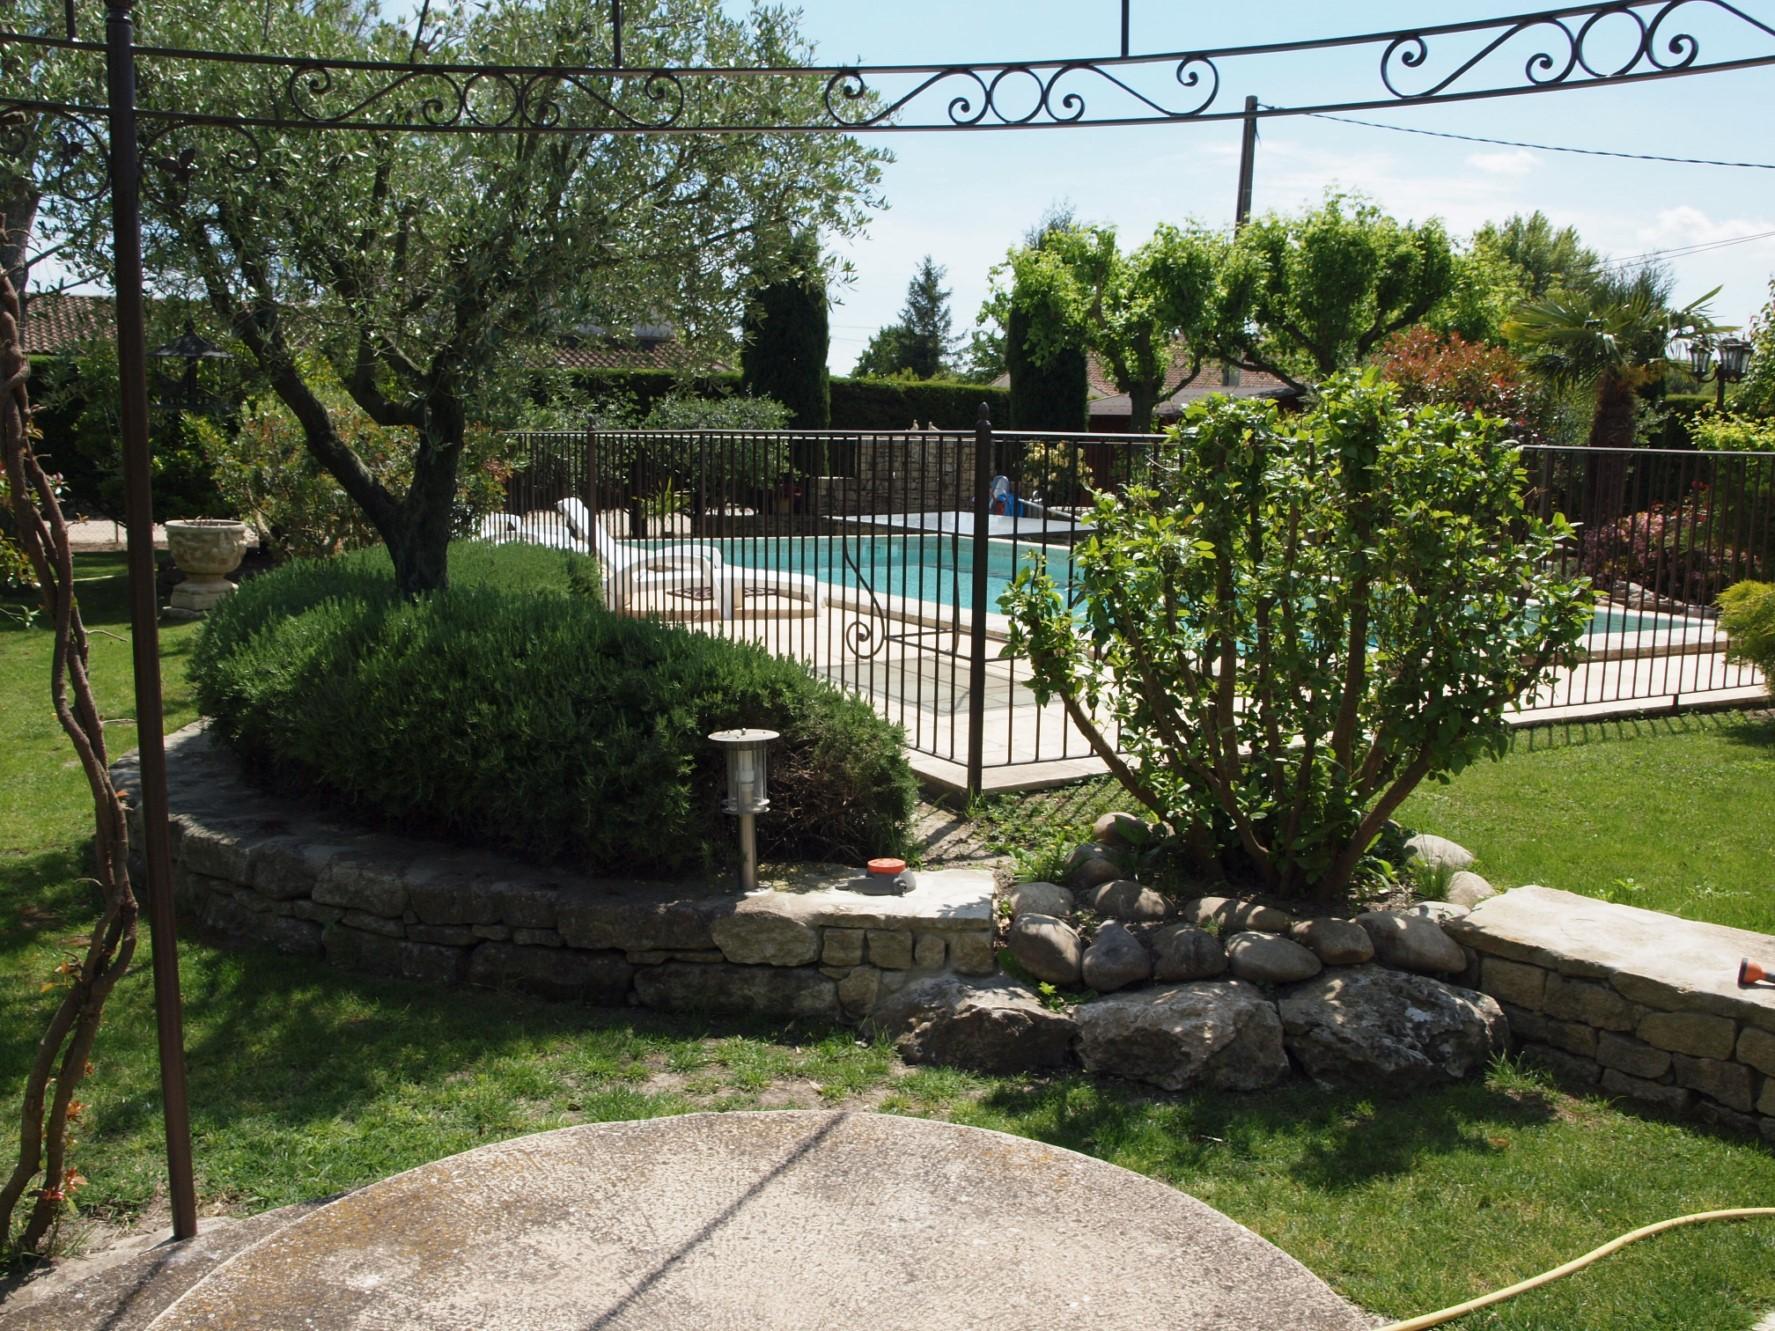 A vendre à l'Isle-sur-la-Sorgue, ensemble constitué de deux petites maison